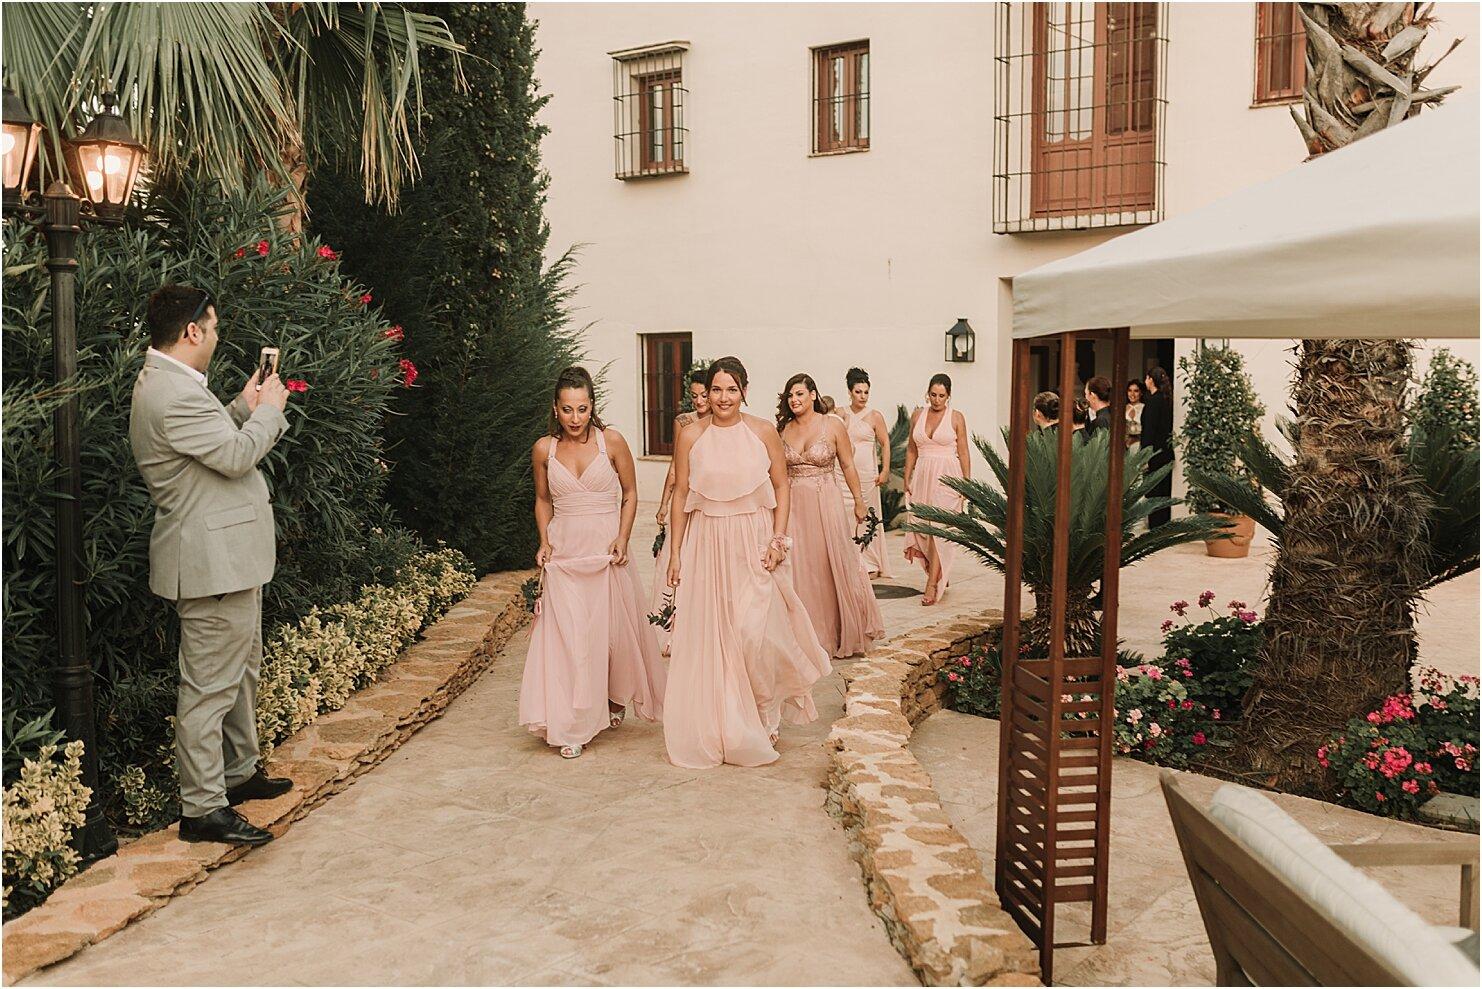 boda-romantica-boda-boho-vestido-de-novia-laura-lomas13.jpg